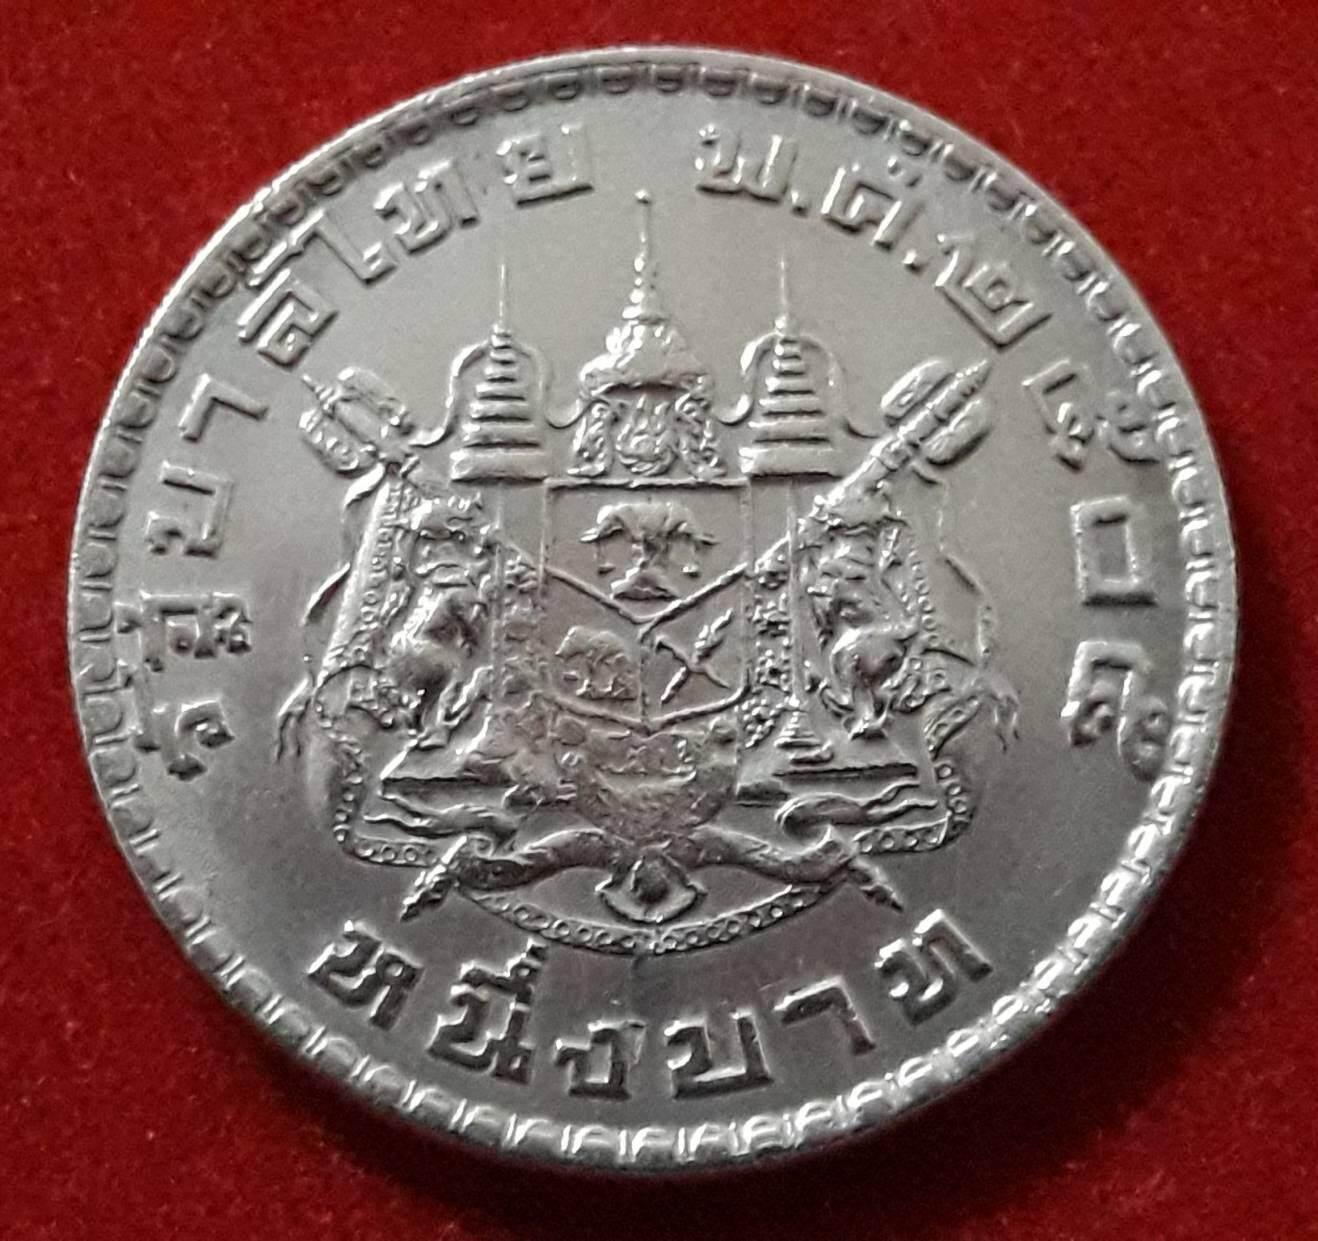 เหรียญ 1 บาท ปี 2505 ตราแผ่นดิน เหรียญแท้ (ชนิตหมุนเวียน สวยคม ส่งฟรี).